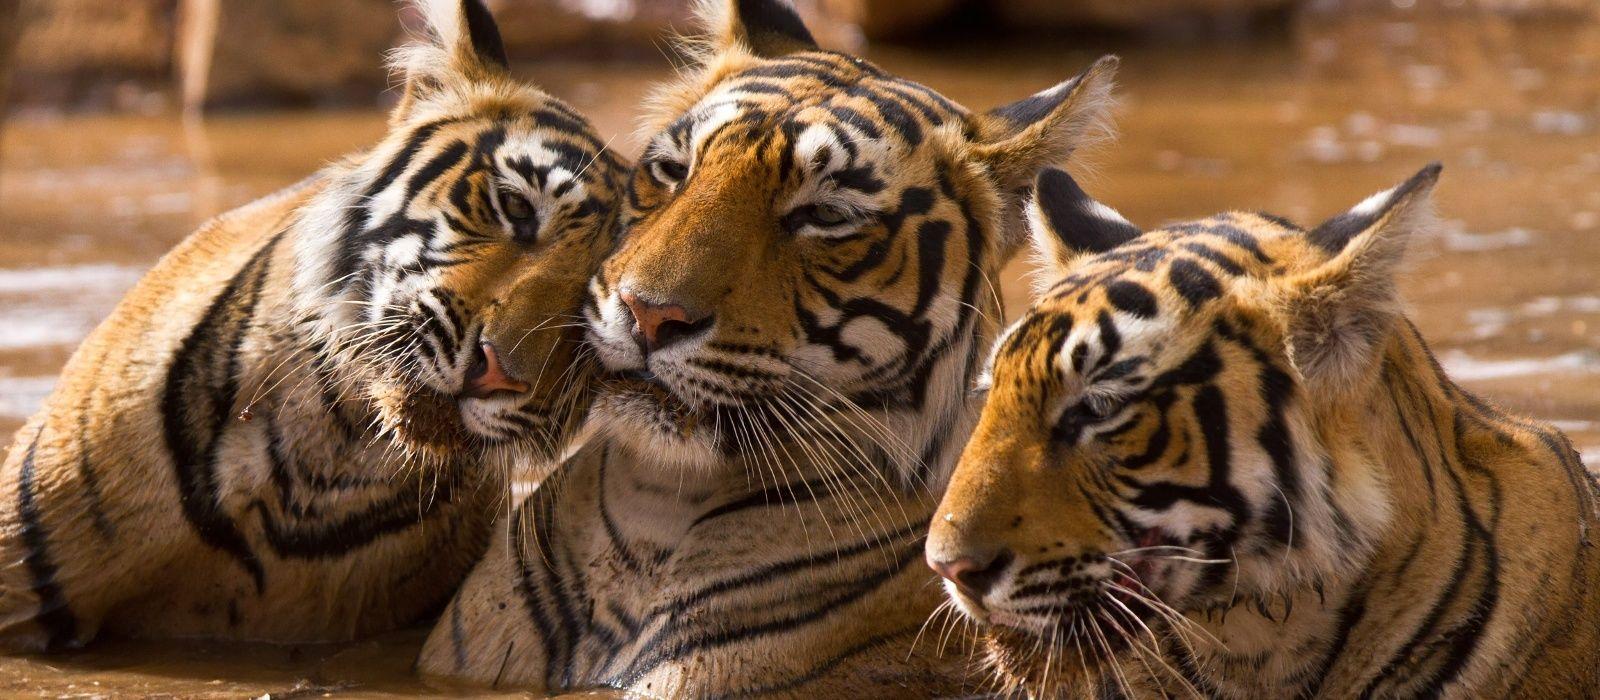 Südindien: Gewürzduft und Artenvielfalt Urlaub 6